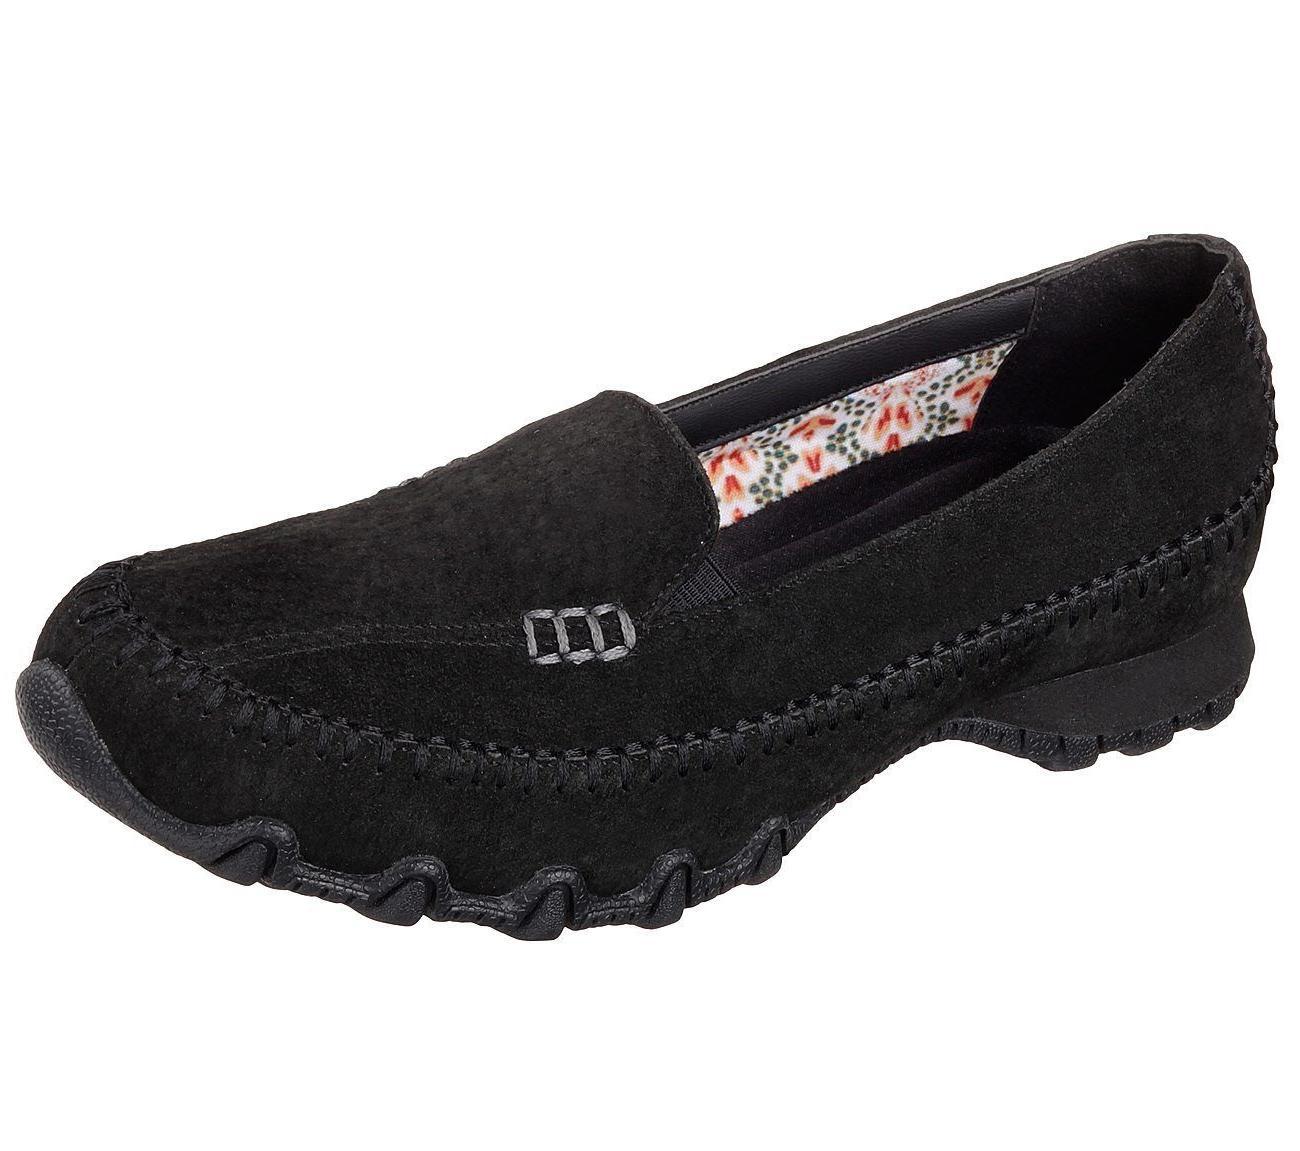 48930 black shoes memory foam women dress